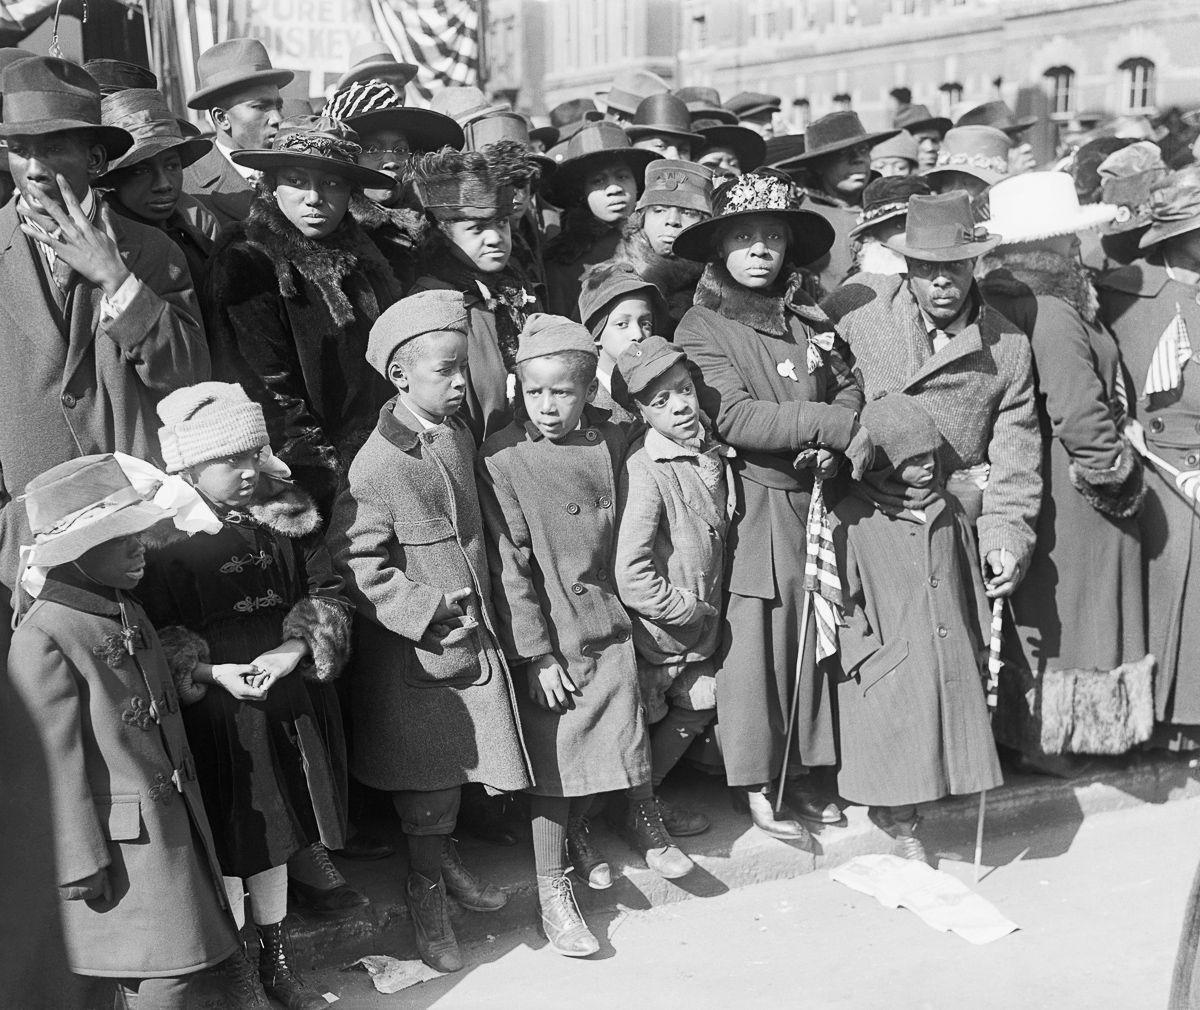 O regimento todo formado por negros na primeira guerra conhecido pela bravura apesar do preconceito 18